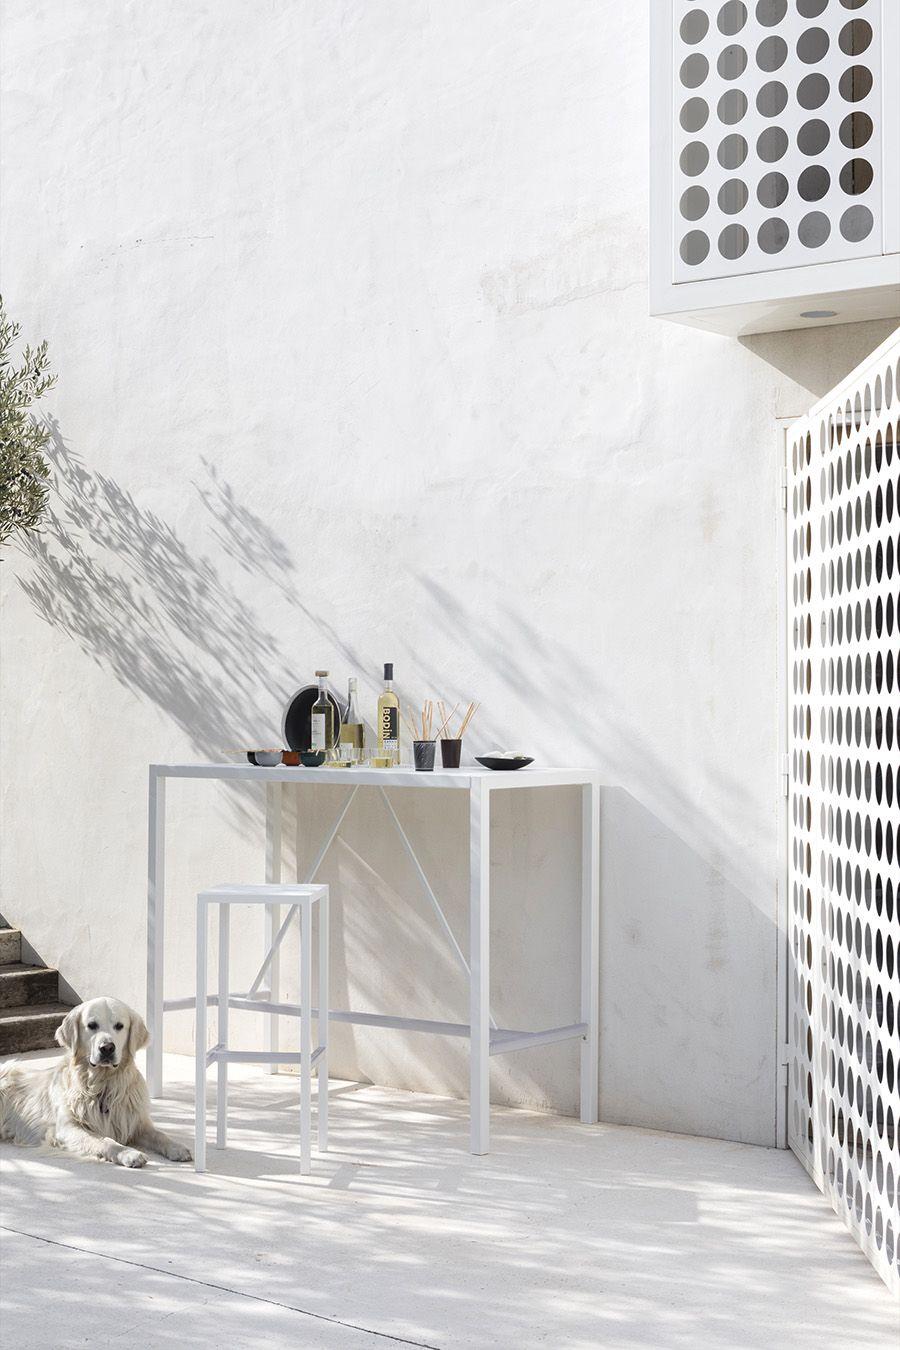 Tavolo Per Terrazzo Allungabile.Arredi Outdoor Perfetti Per Interni Minimal Arredamento Tavolo